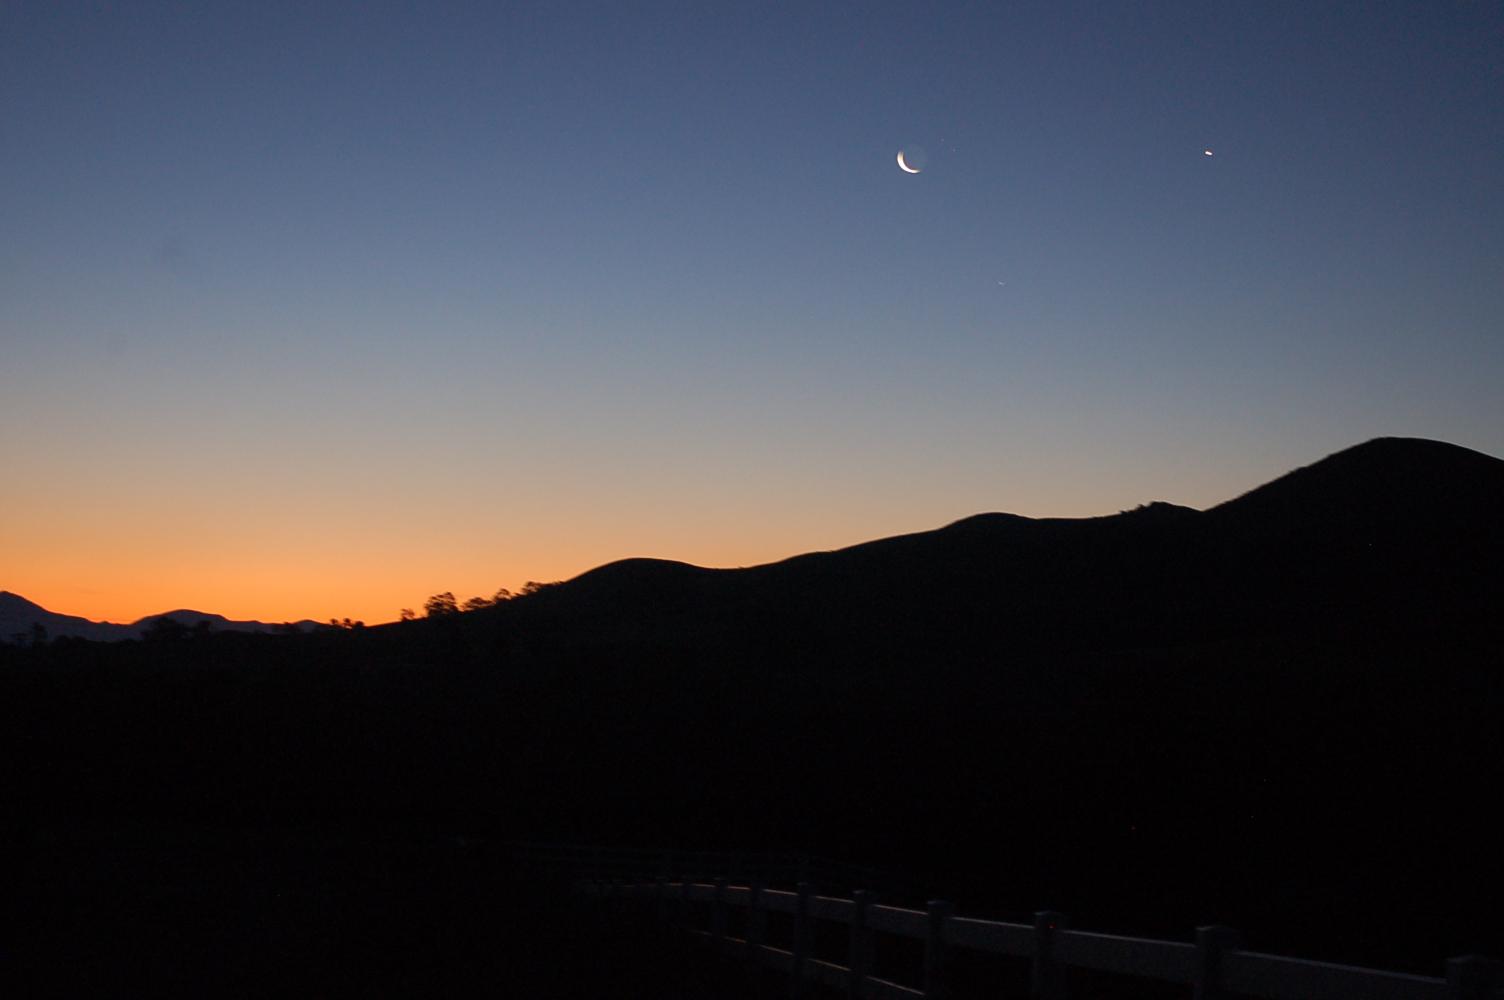 Springtime sunrise